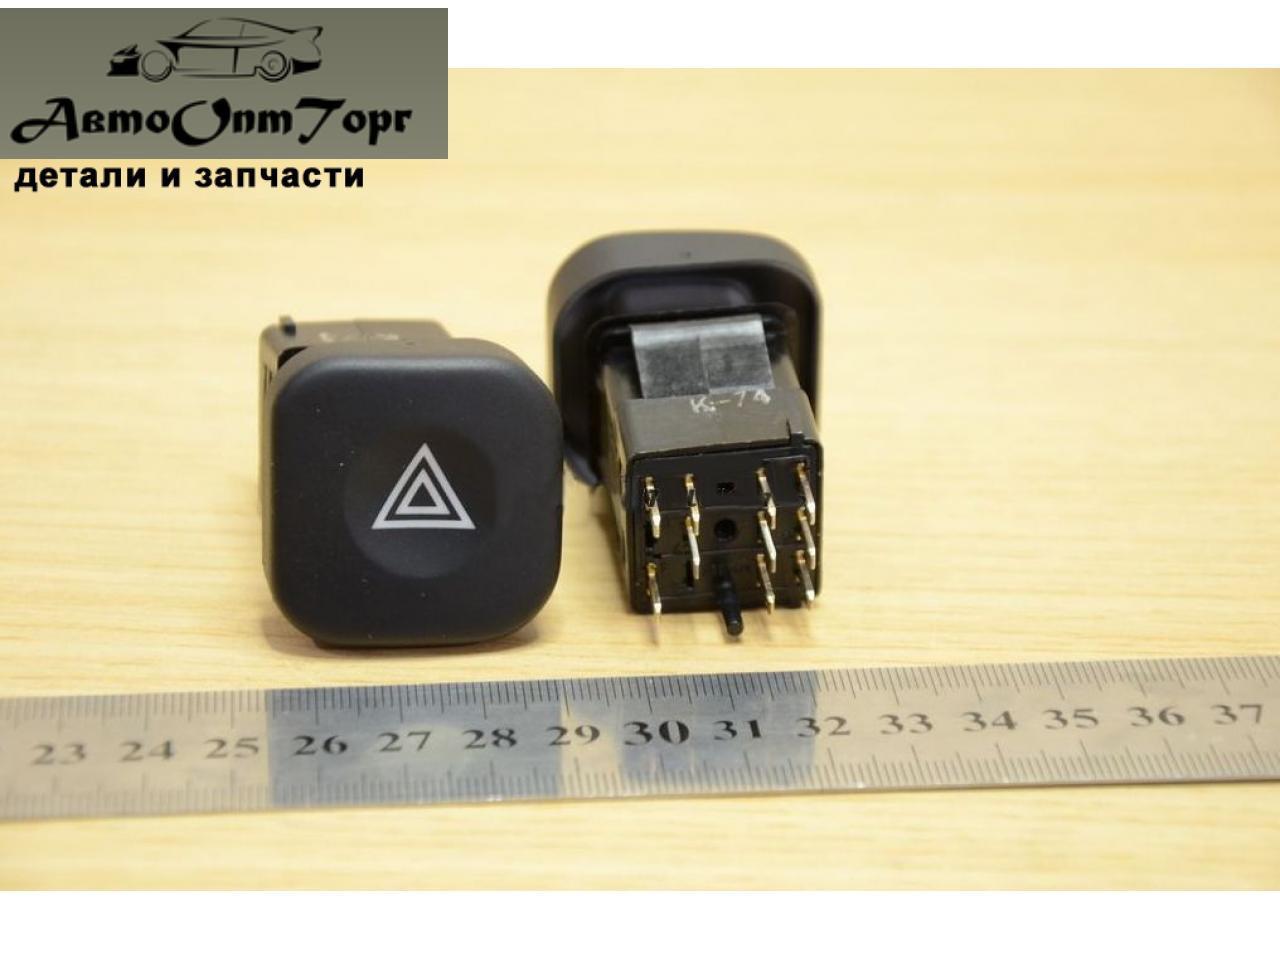 Кнопка аварийной остановки ВАЗ 2110,2111,2112 нов.обр. ( кнопка аварийки)